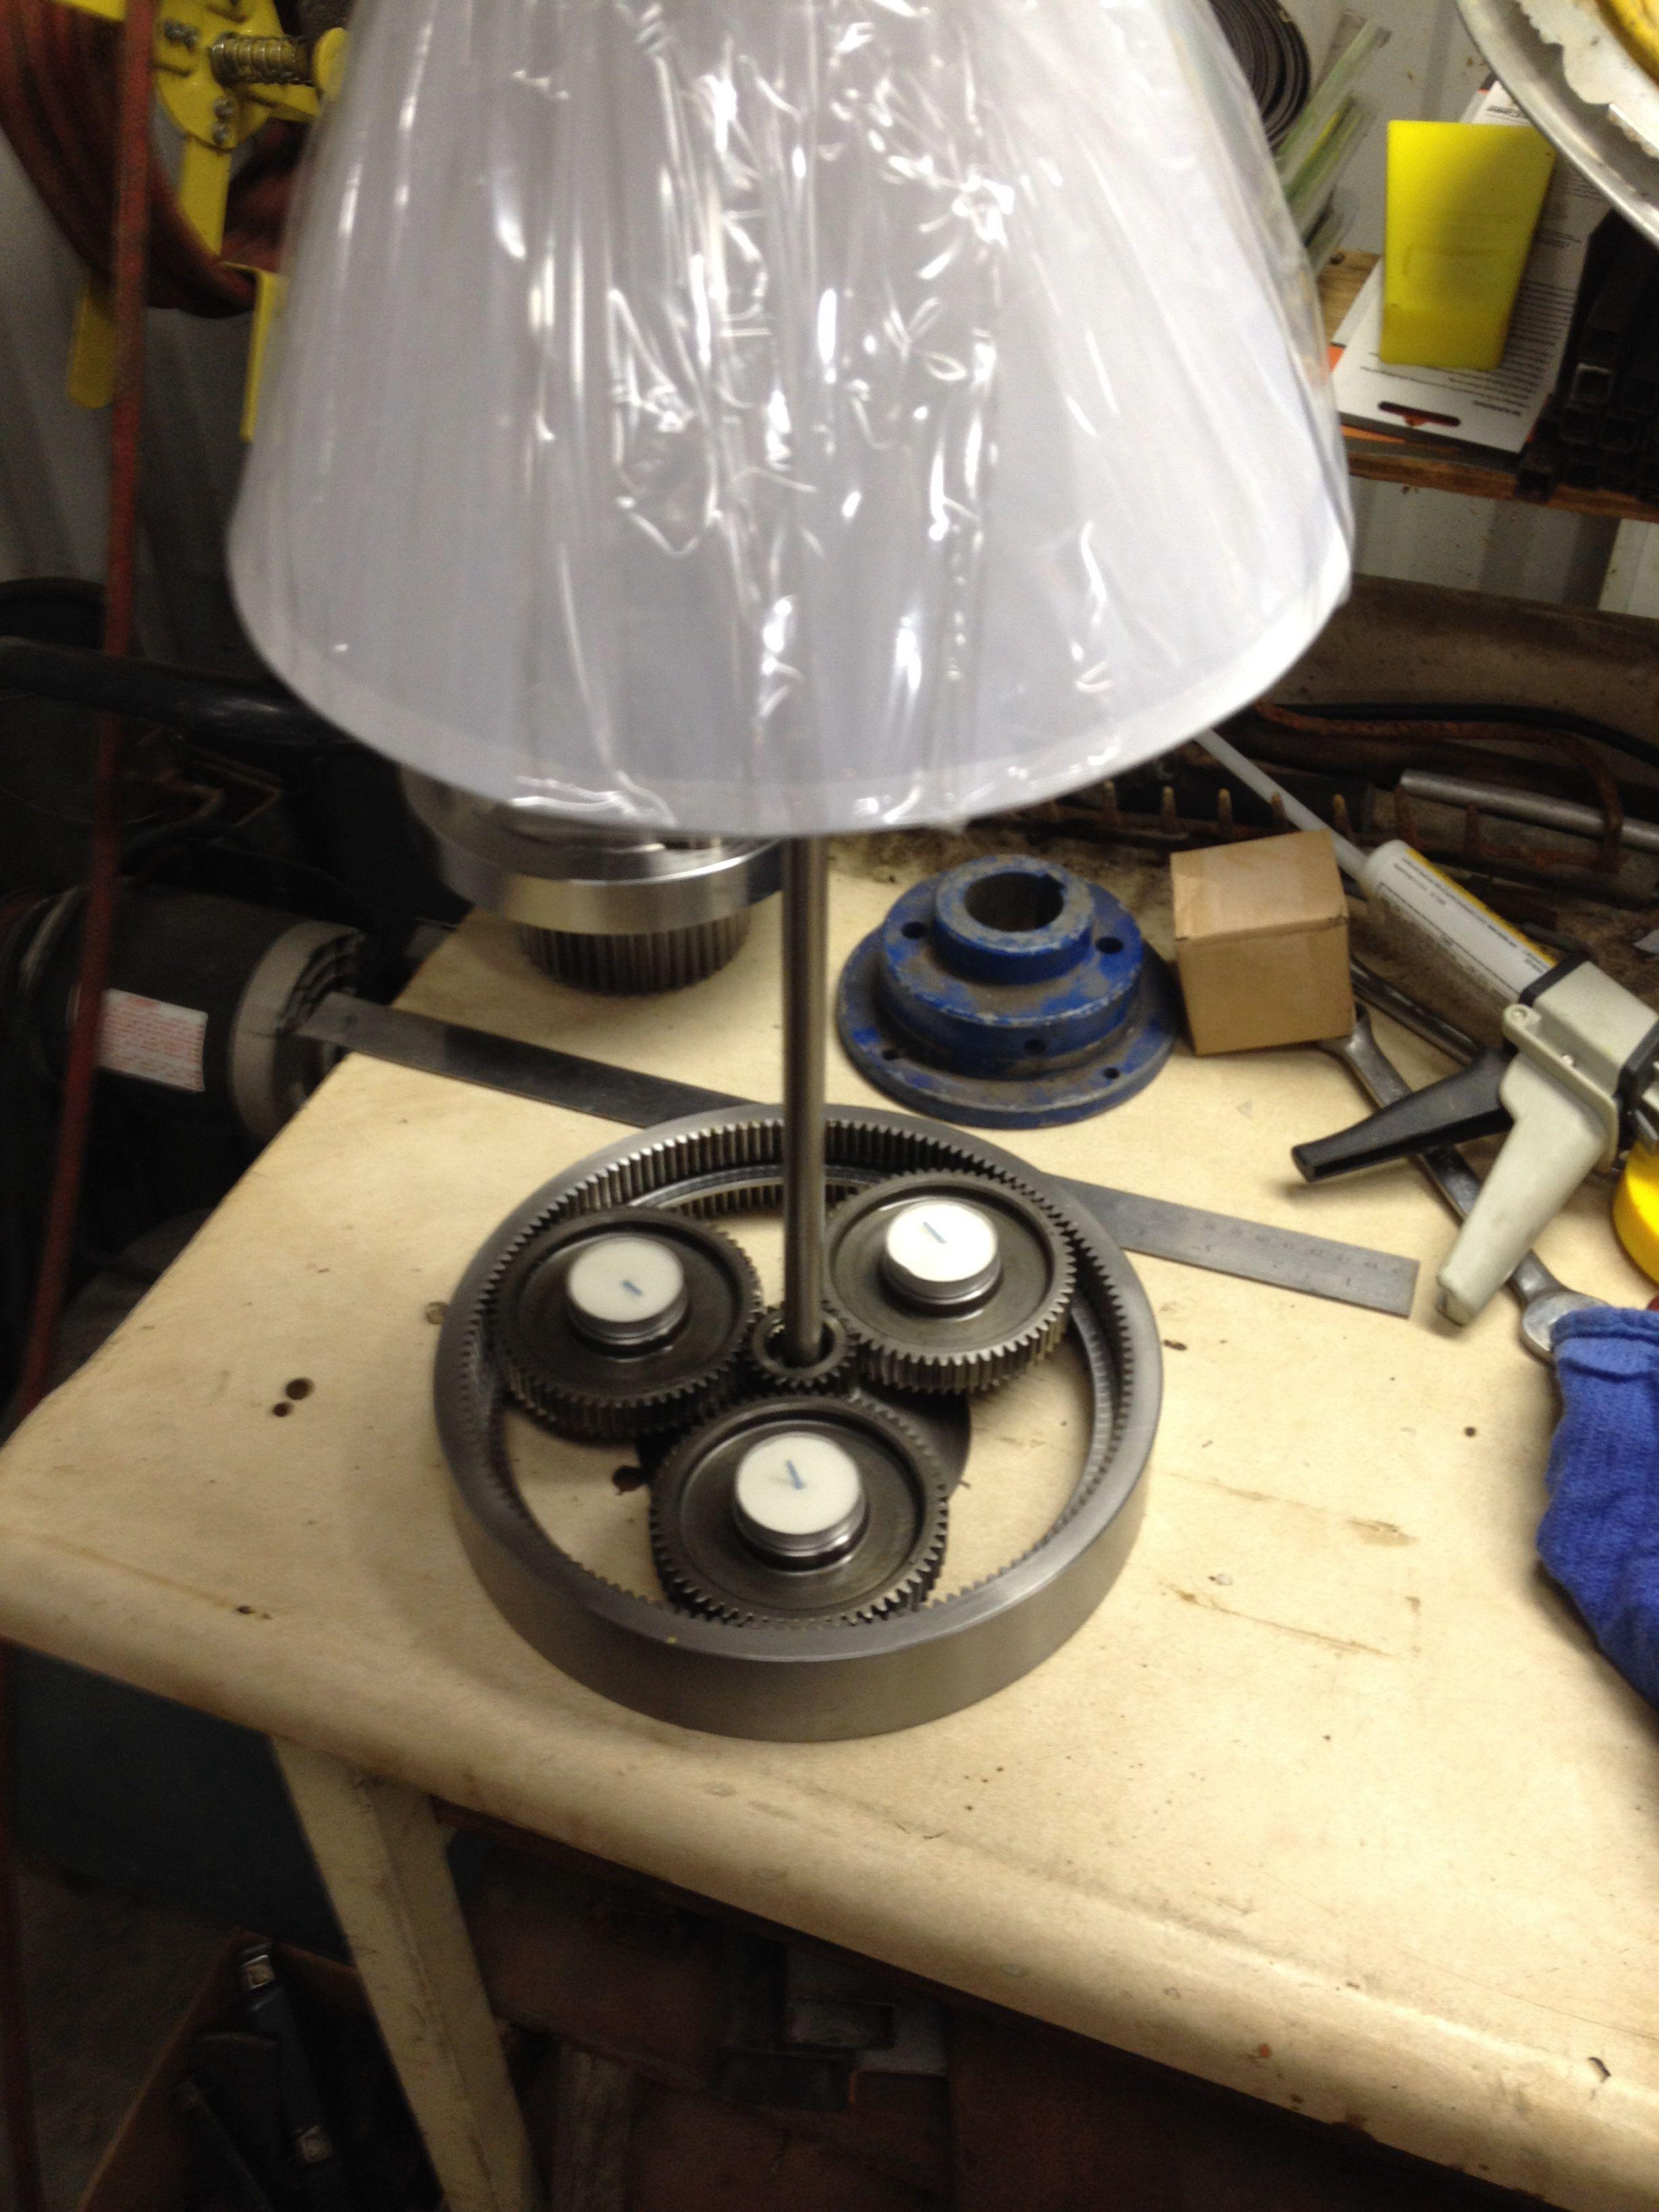 Gear lamp I made from repurposed gear box parts | gear clock | Gear